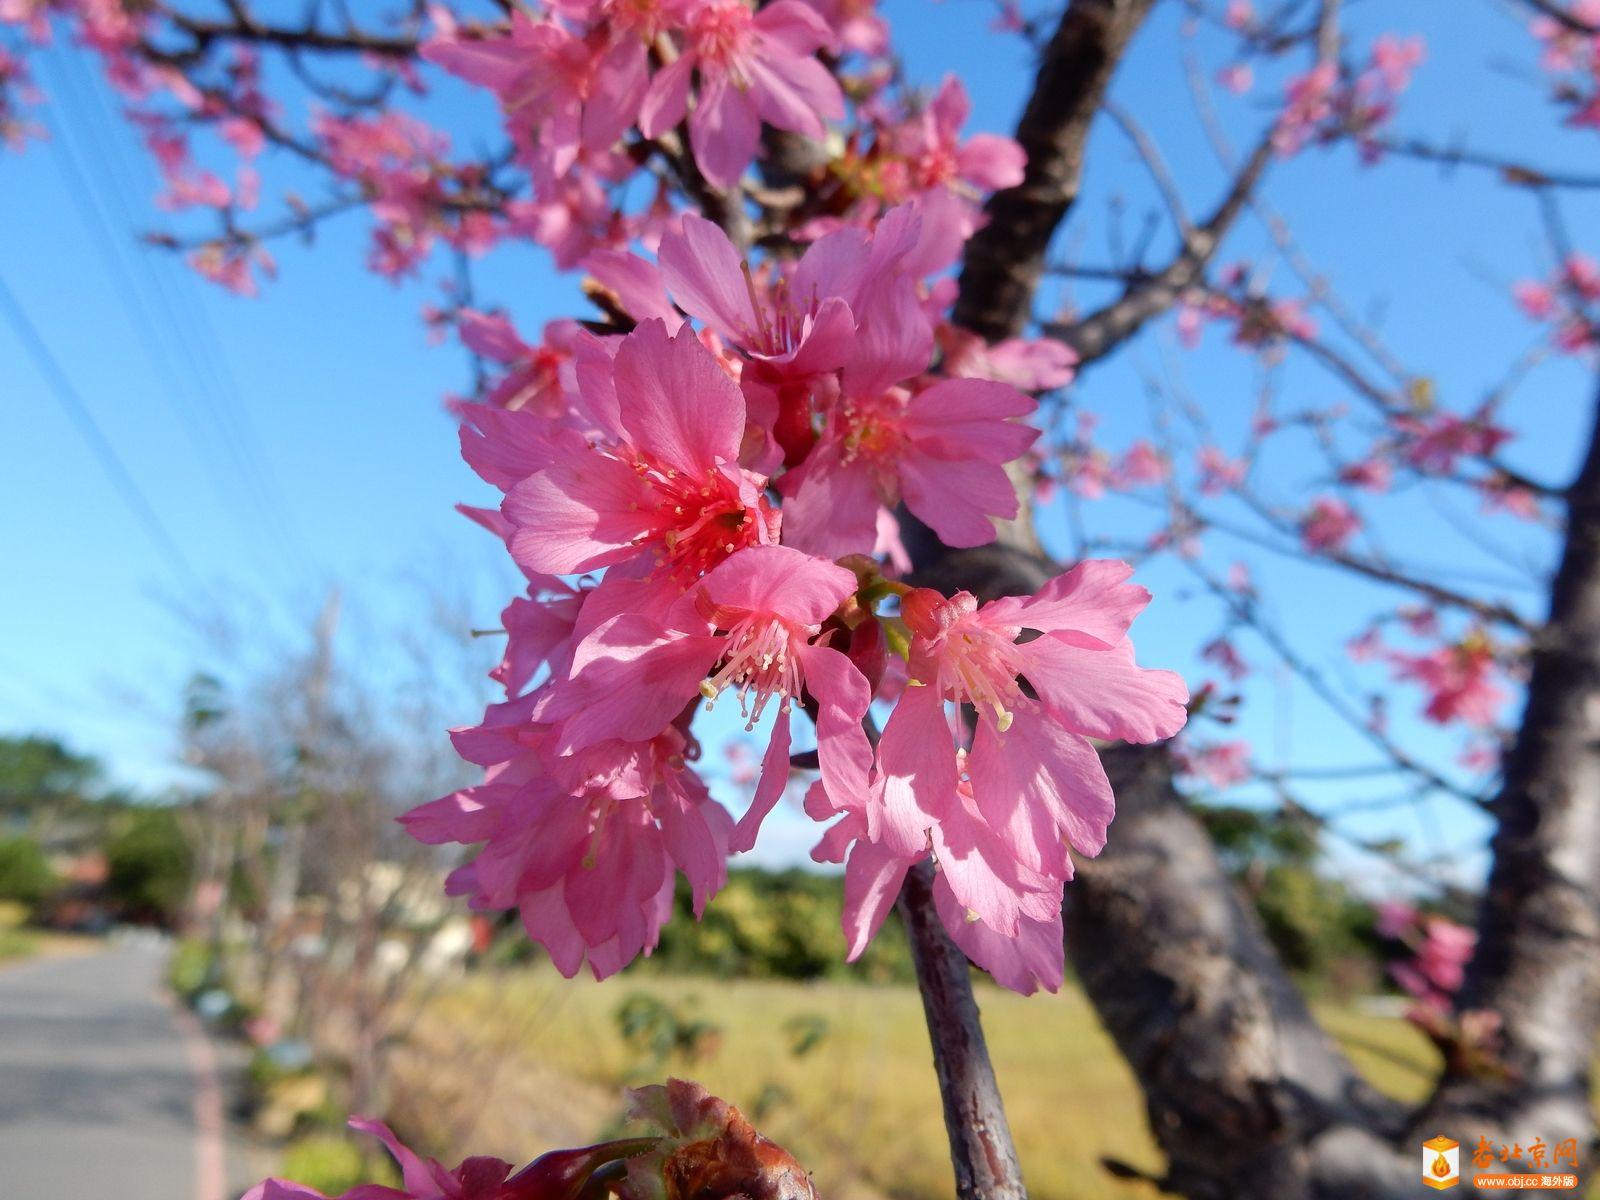 看到今年第一棵櫻花樹櫻花開放!